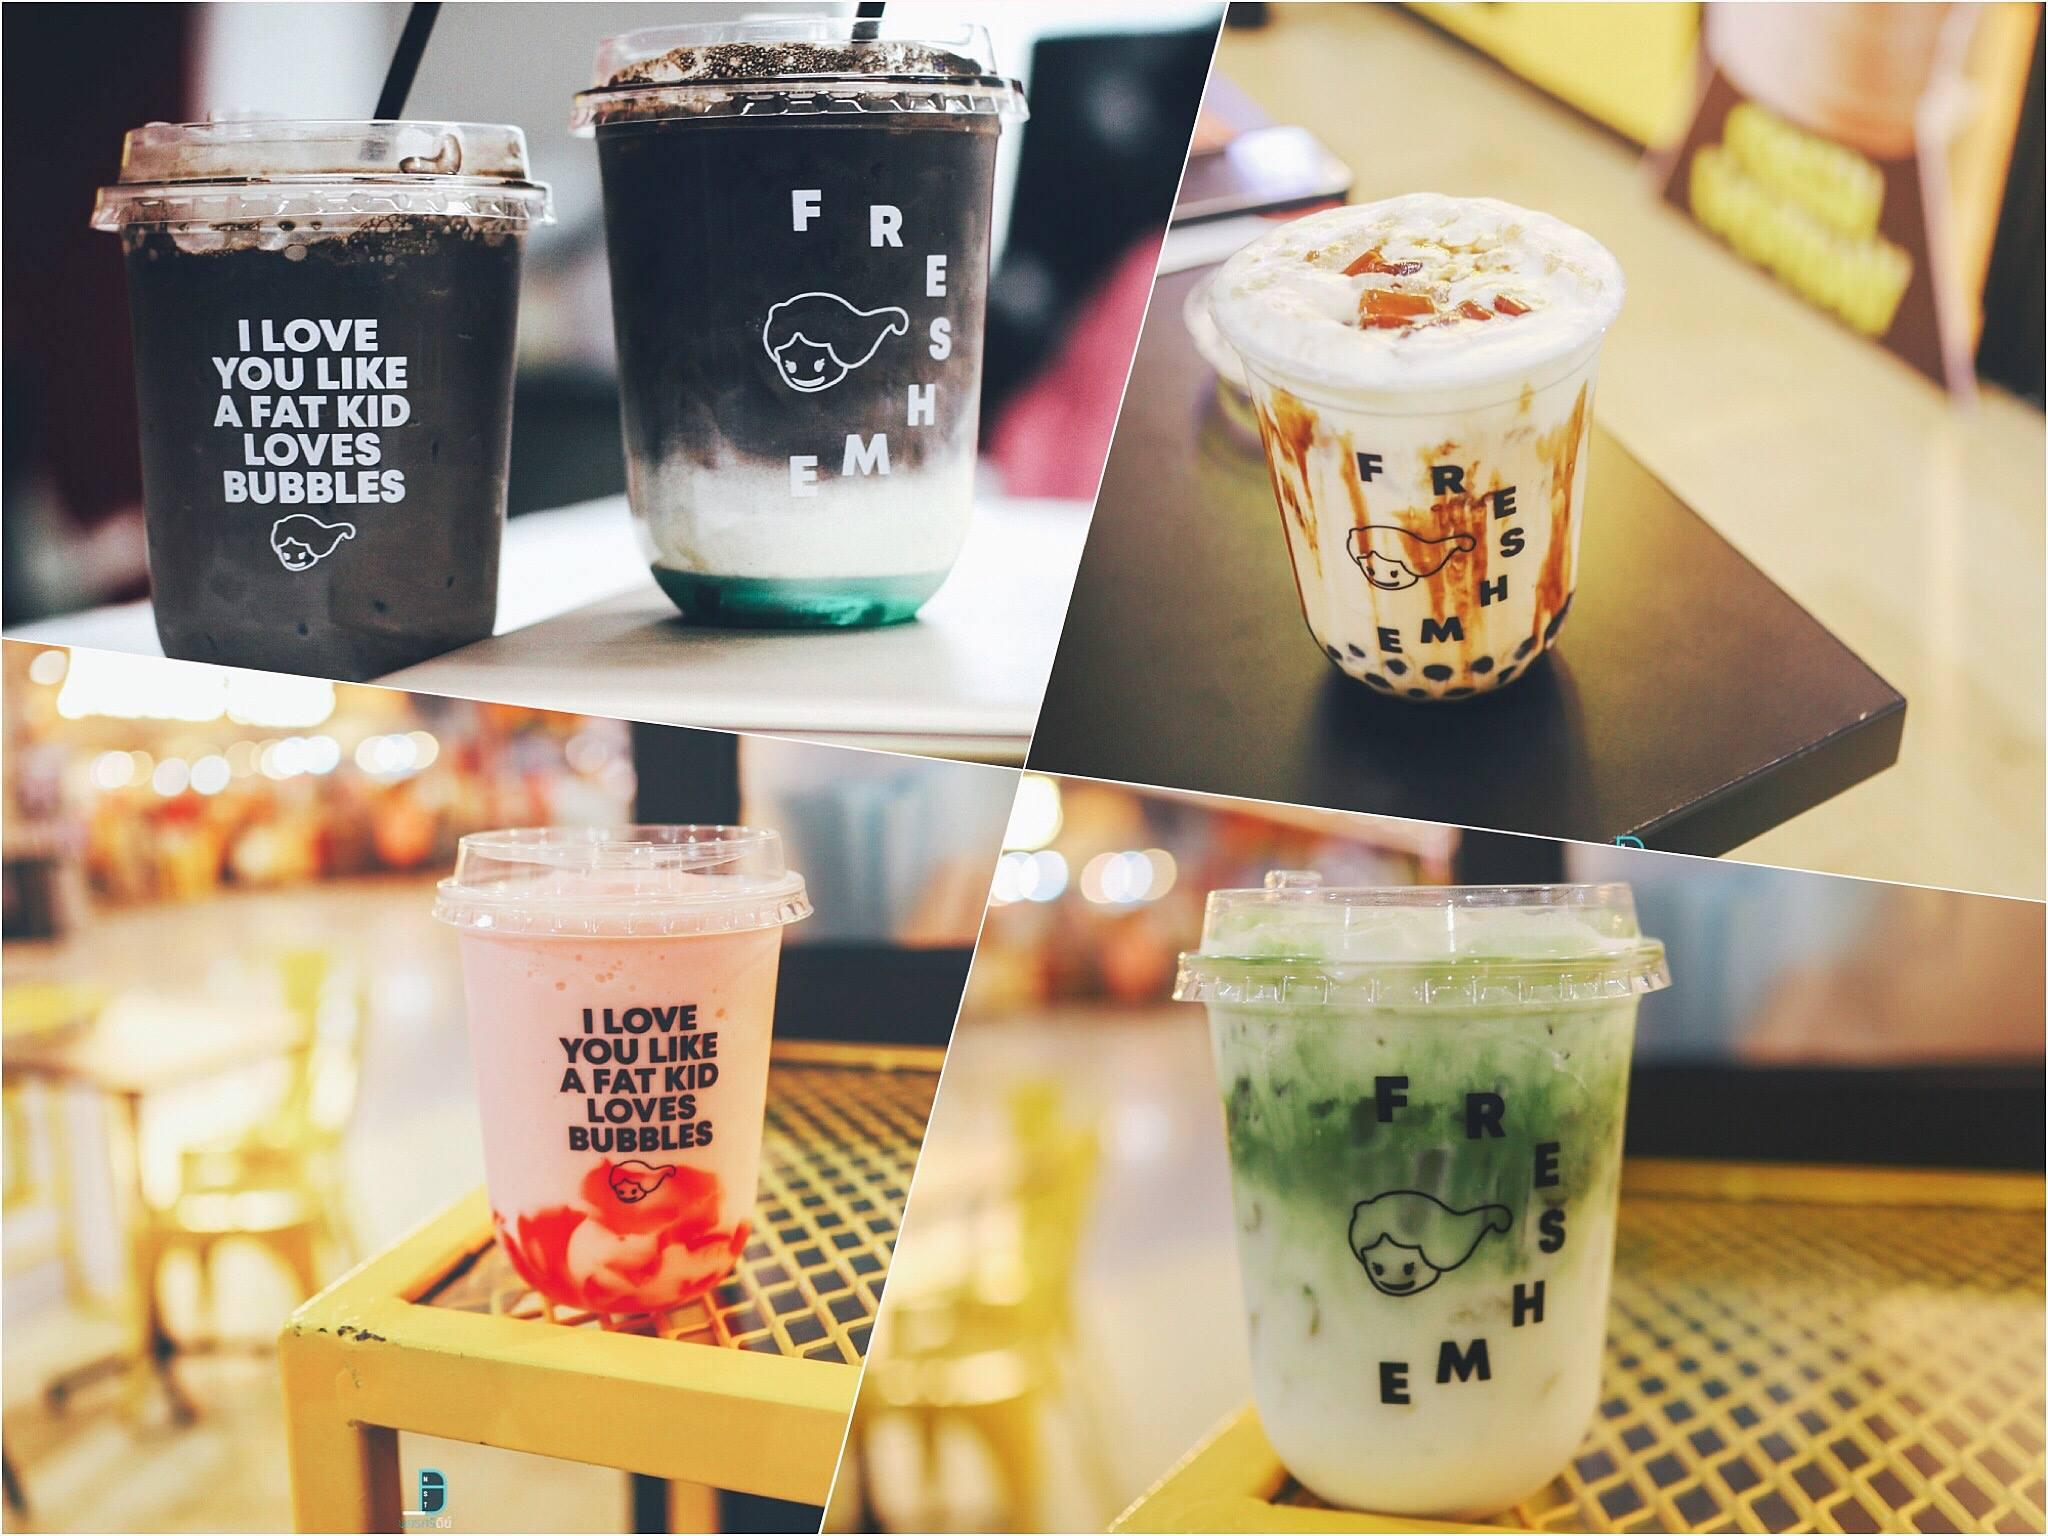 จัดไปเมนูชานมชาเขียวววว ร้านดับร้อน,ร้านหน้าร้อน,ของกิน,เครื่องดื่ม,คาเฟ่,นครศรีธรรมราช